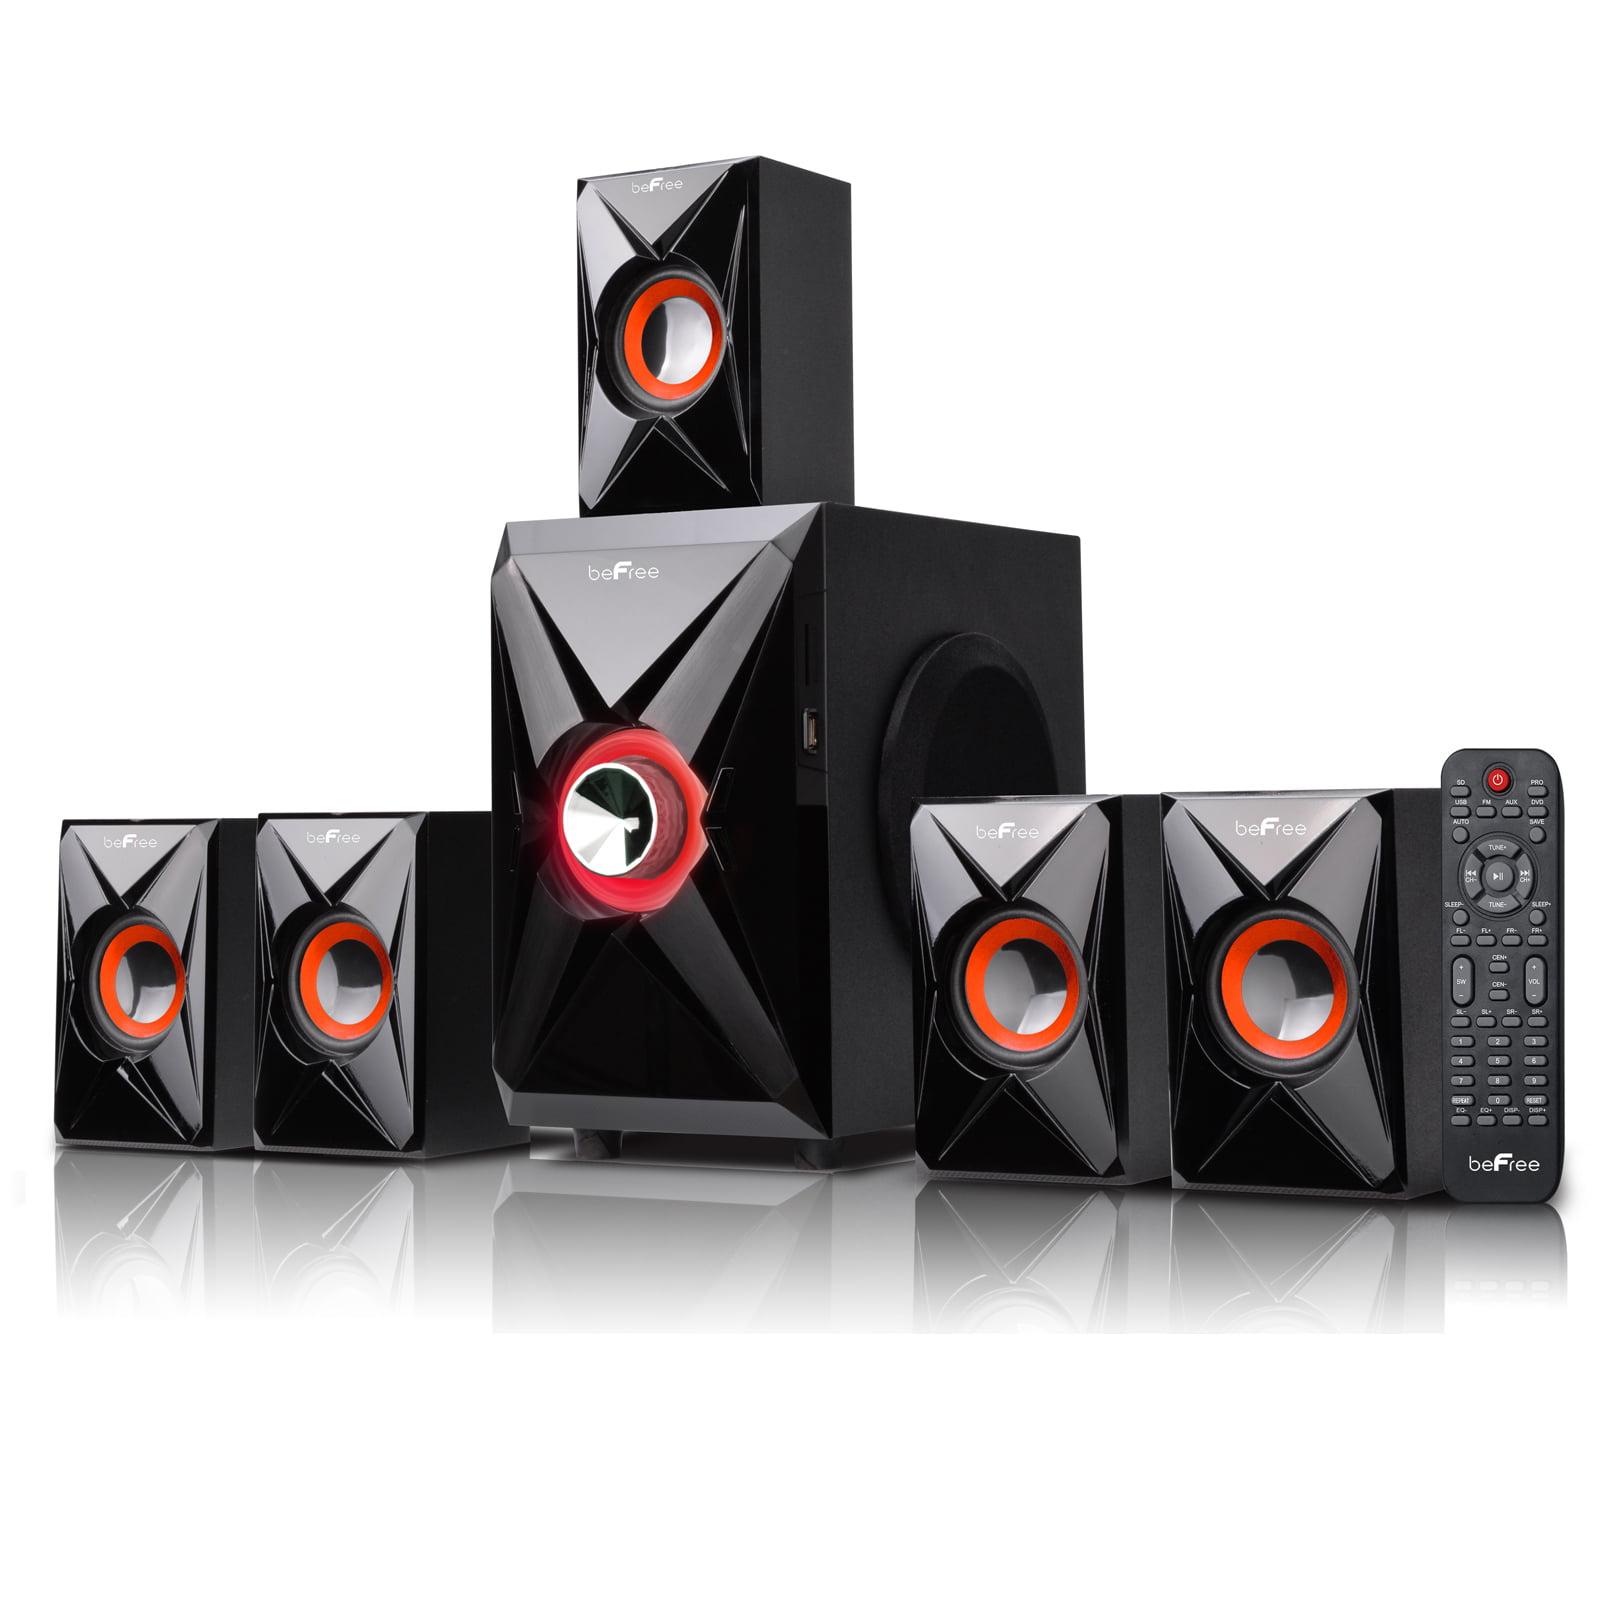 beFree Sound BFS-420 5.1 Channel Surround Sound Bluetooth Speaker System- Orange